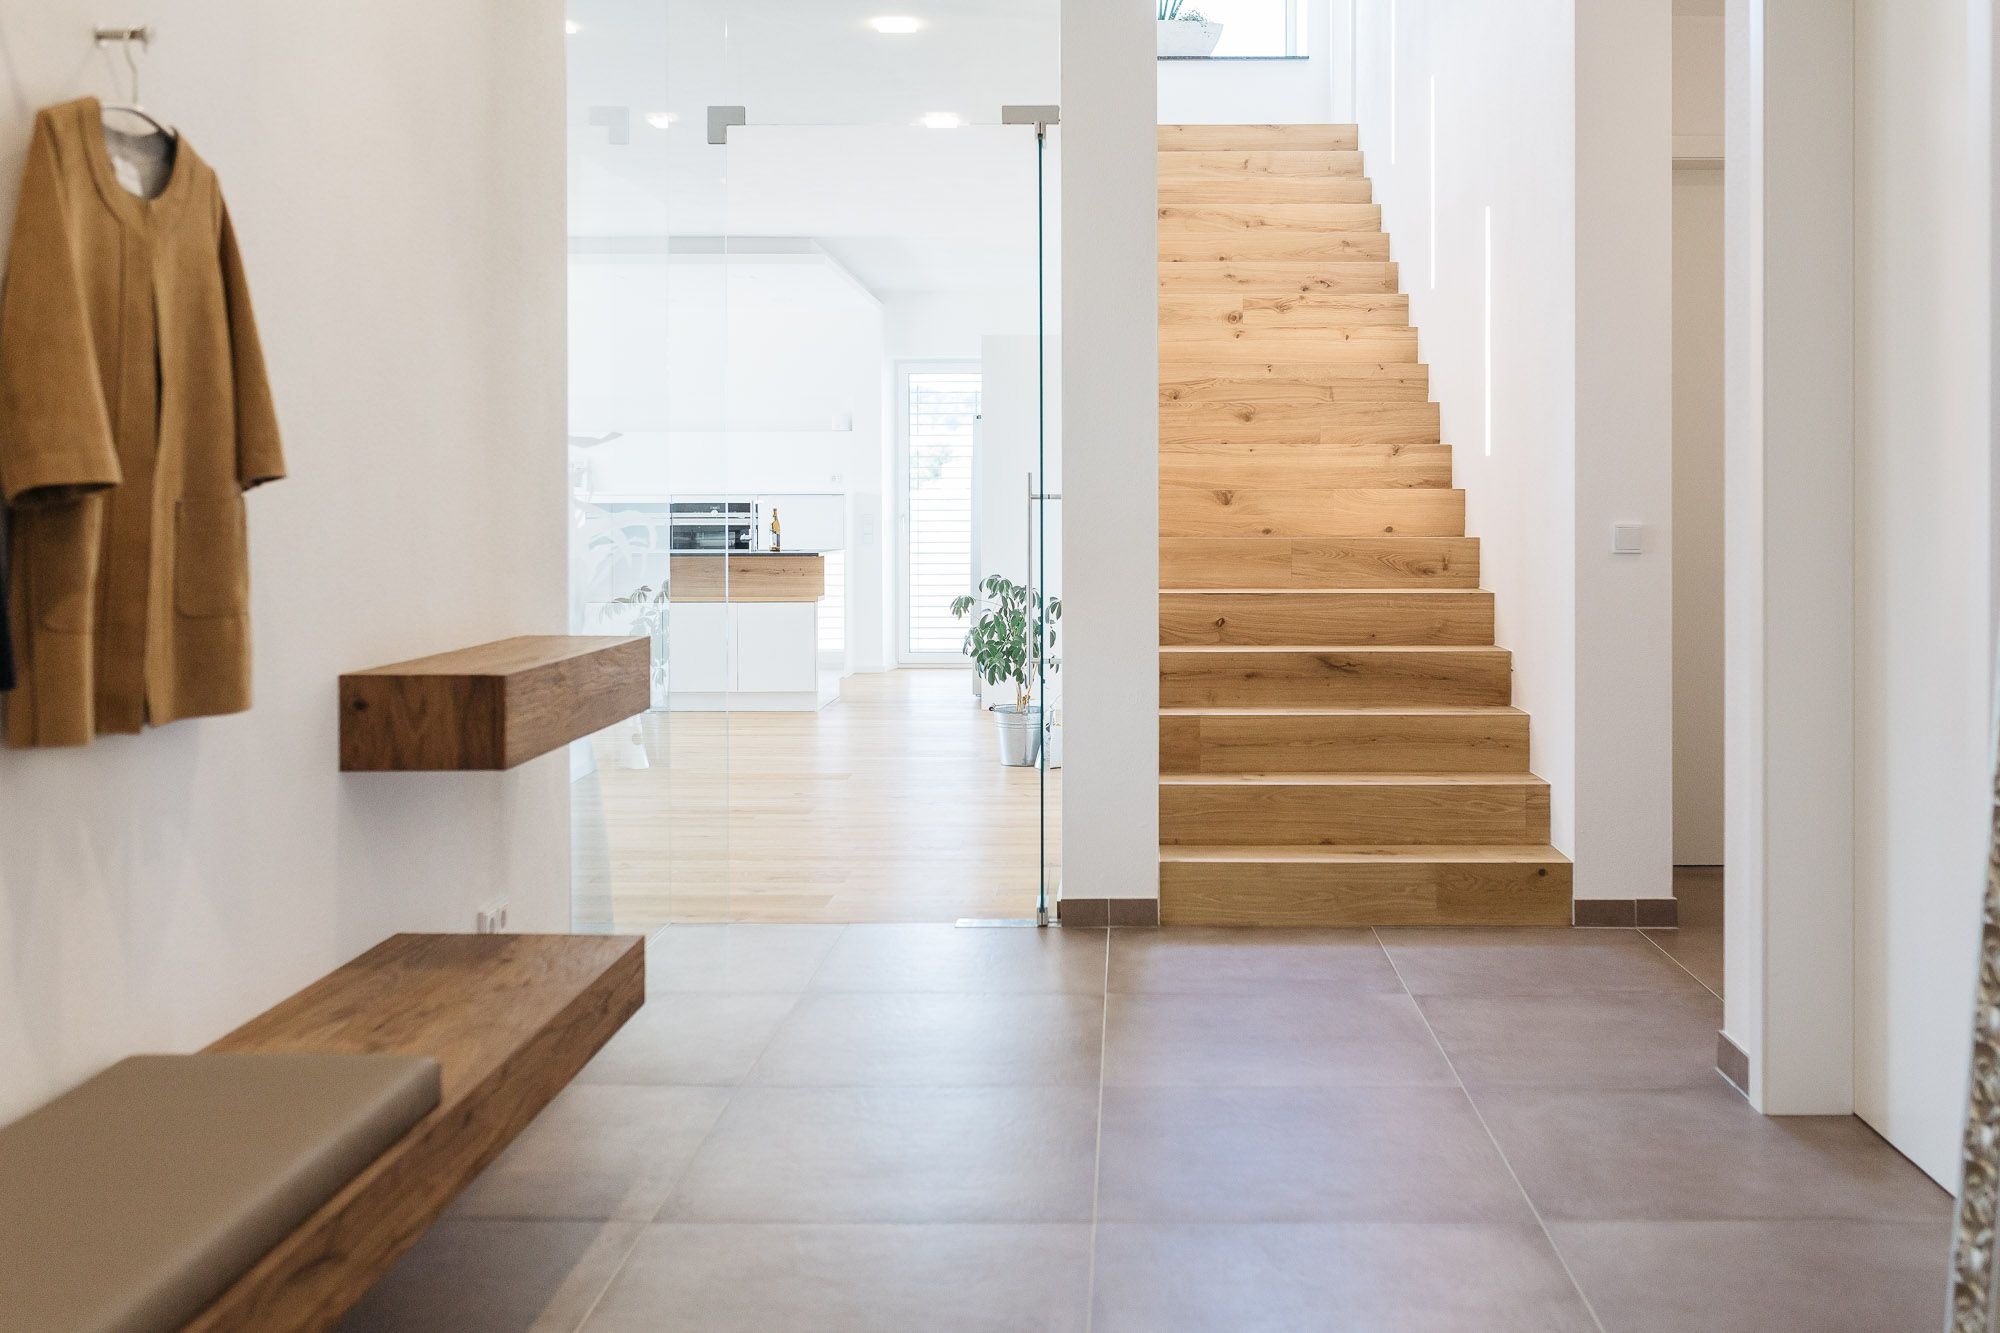 Wohnzimmerfliesen an der wand fliesen eingang  eingangsbereich und treppe  ideen rund ums haus